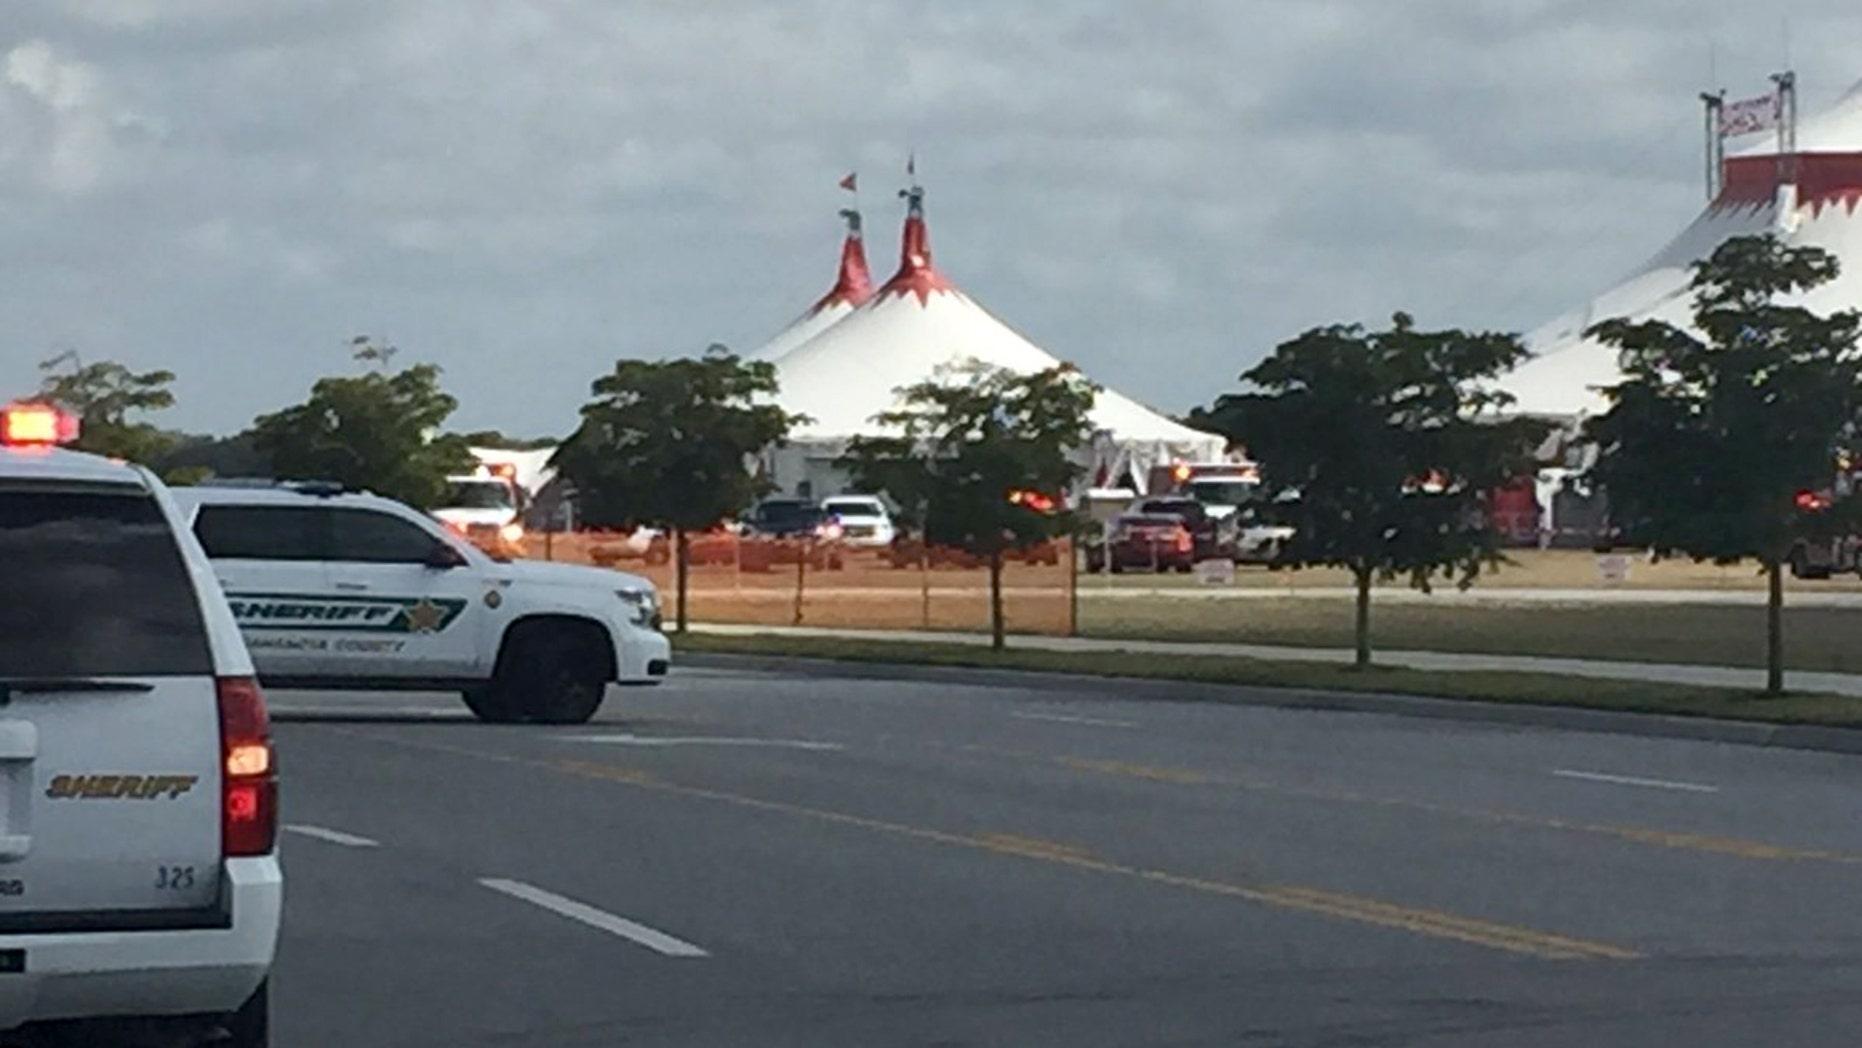 Emergency crews at the scene in Sarasota.